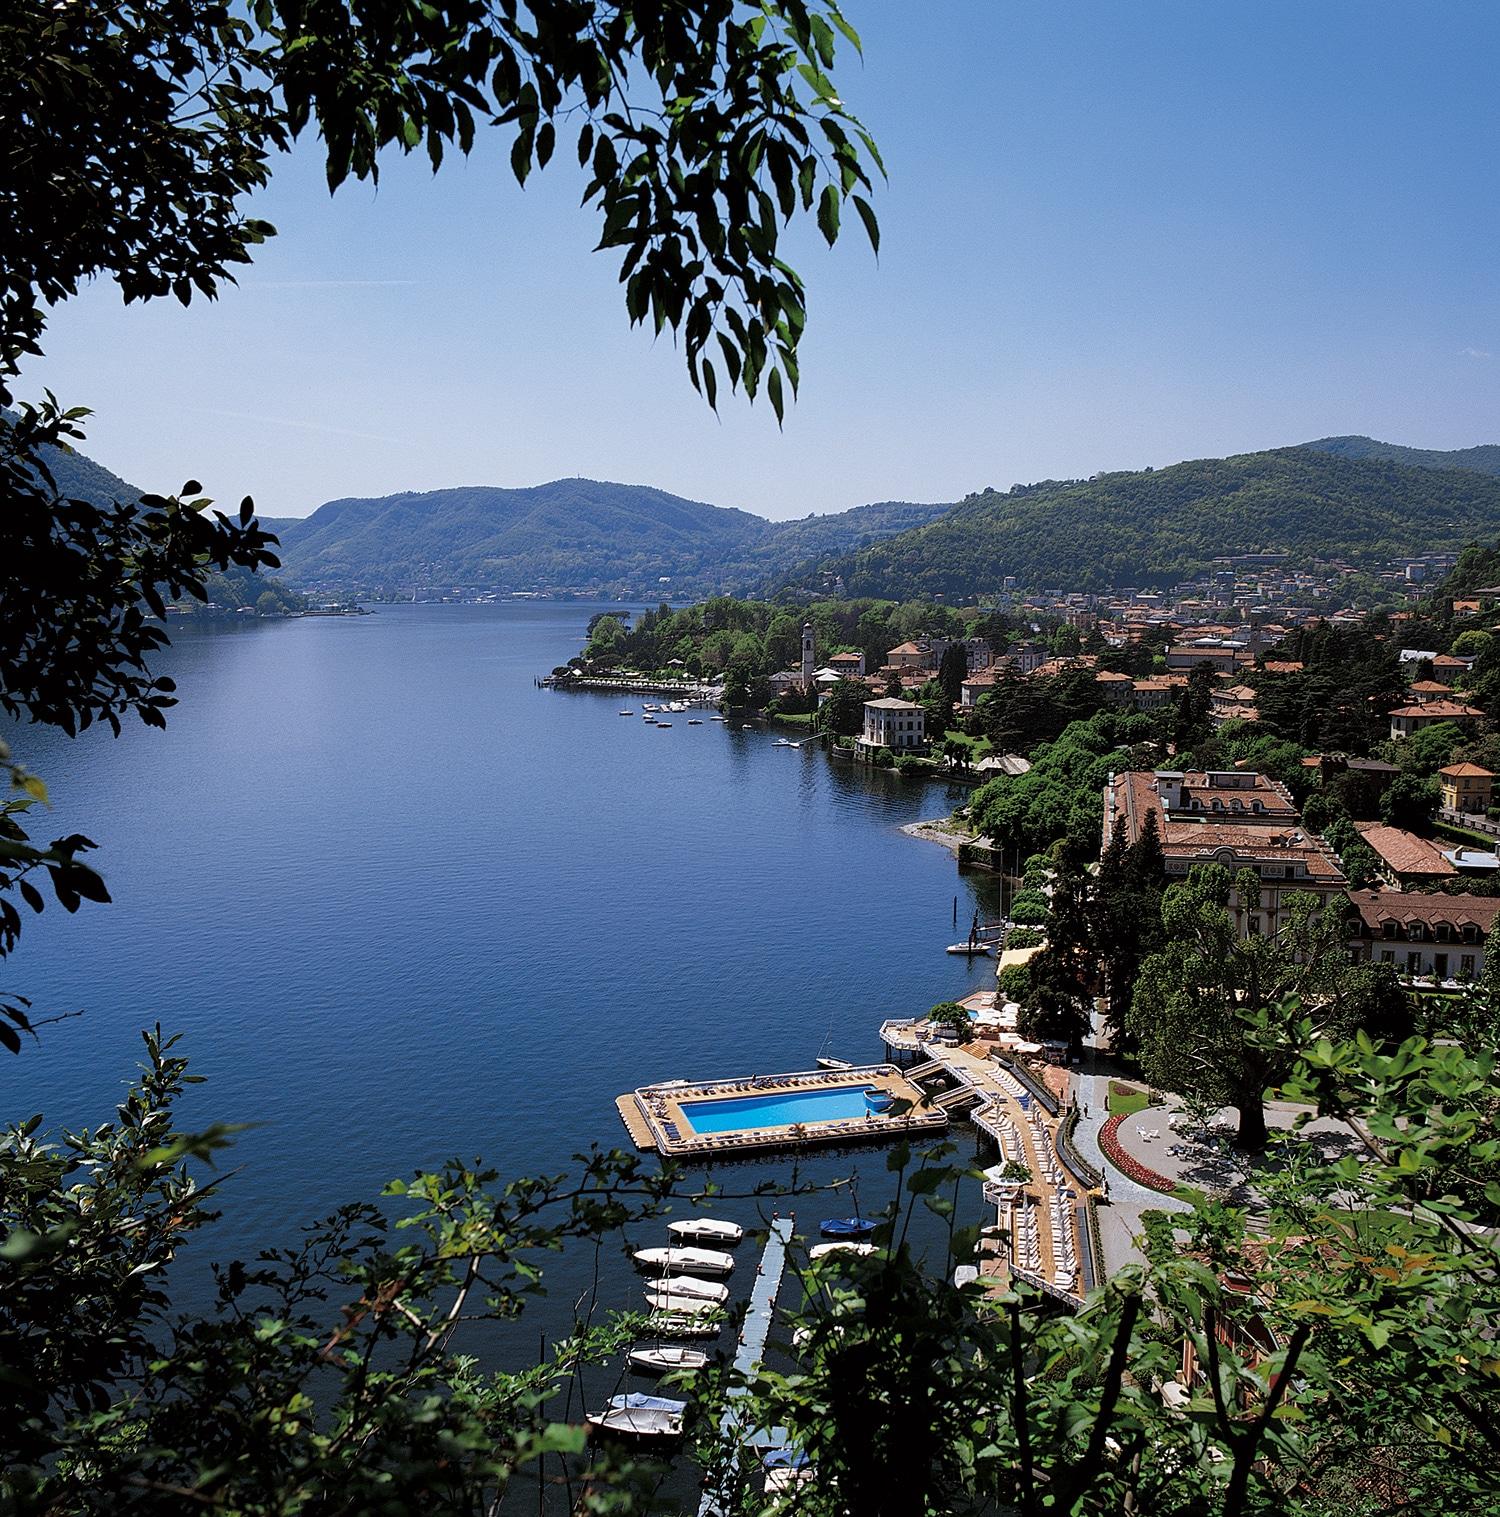 s jour idyllique la villa d 39 este sur le lac de c me. Black Bedroom Furniture Sets. Home Design Ideas